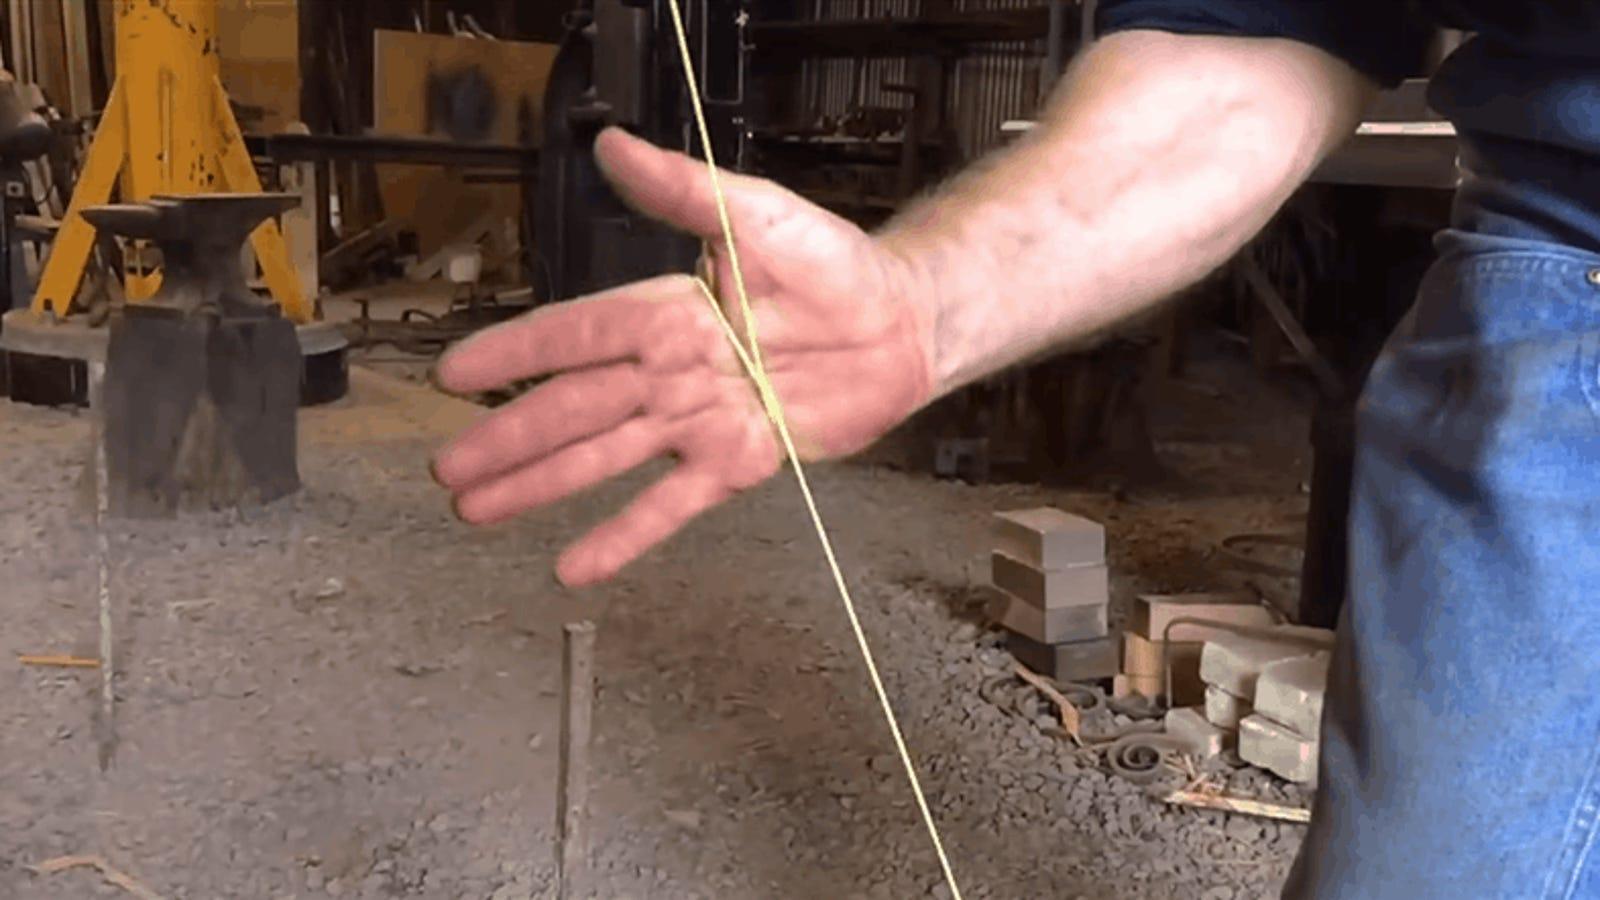 Cómo cortar una cuerda usando solamente tus manos